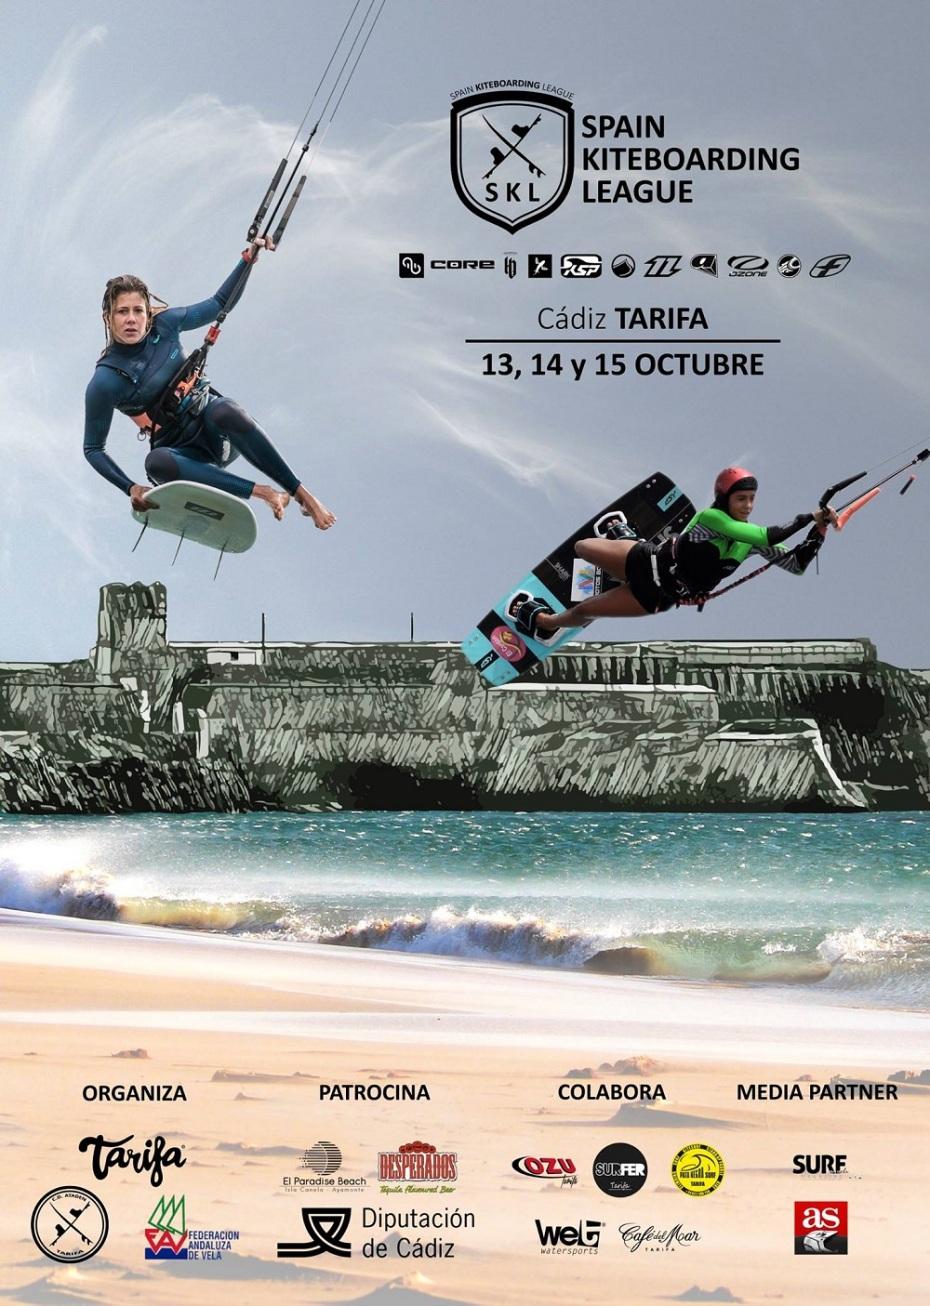 Spain Kiteboarding League en Tarifa 2017